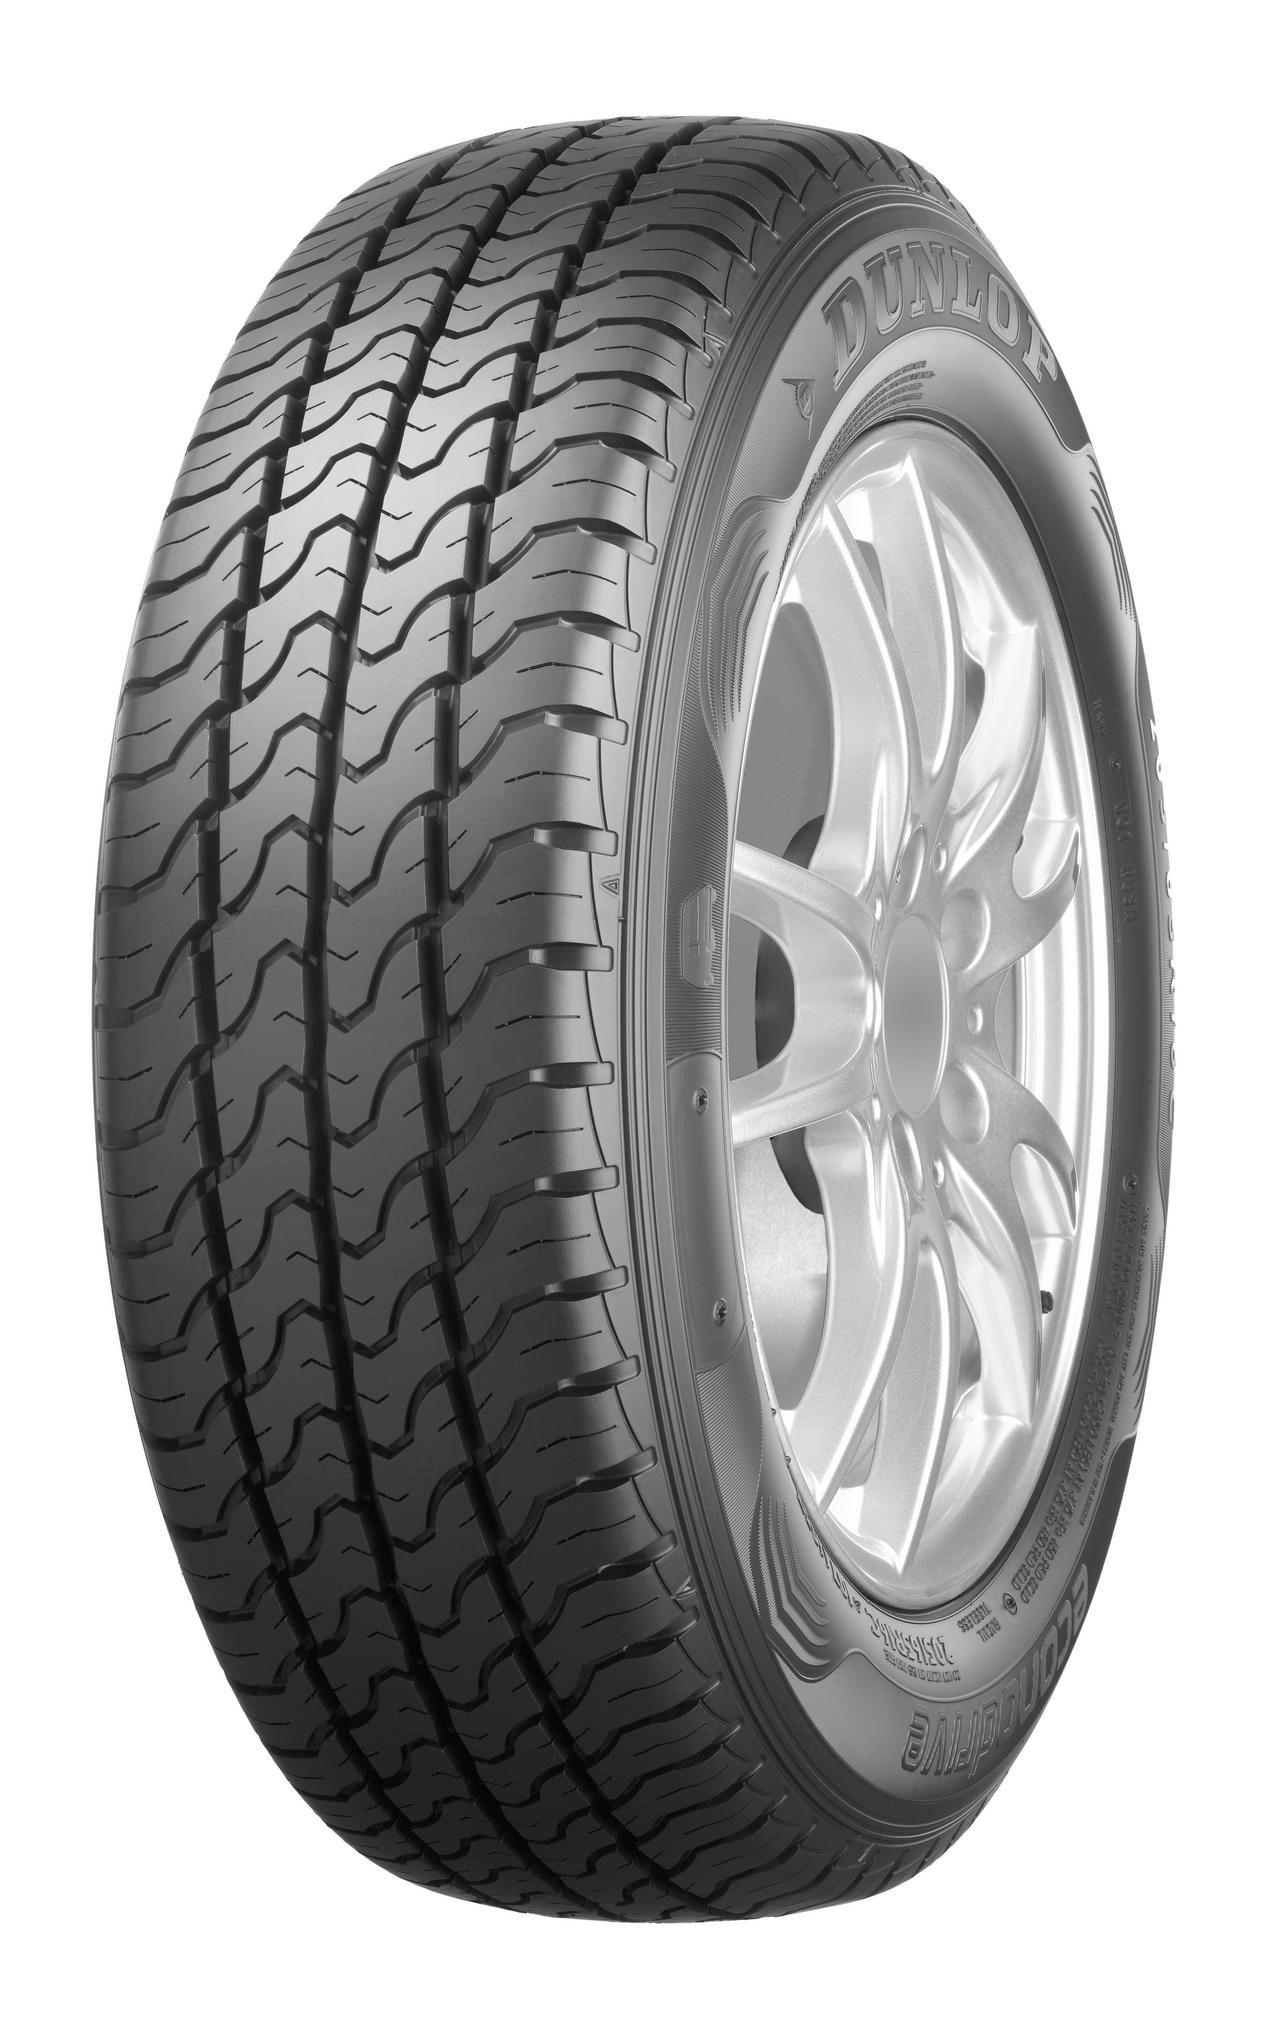 Dunlop Econodrive 215/65R16C 106/104T